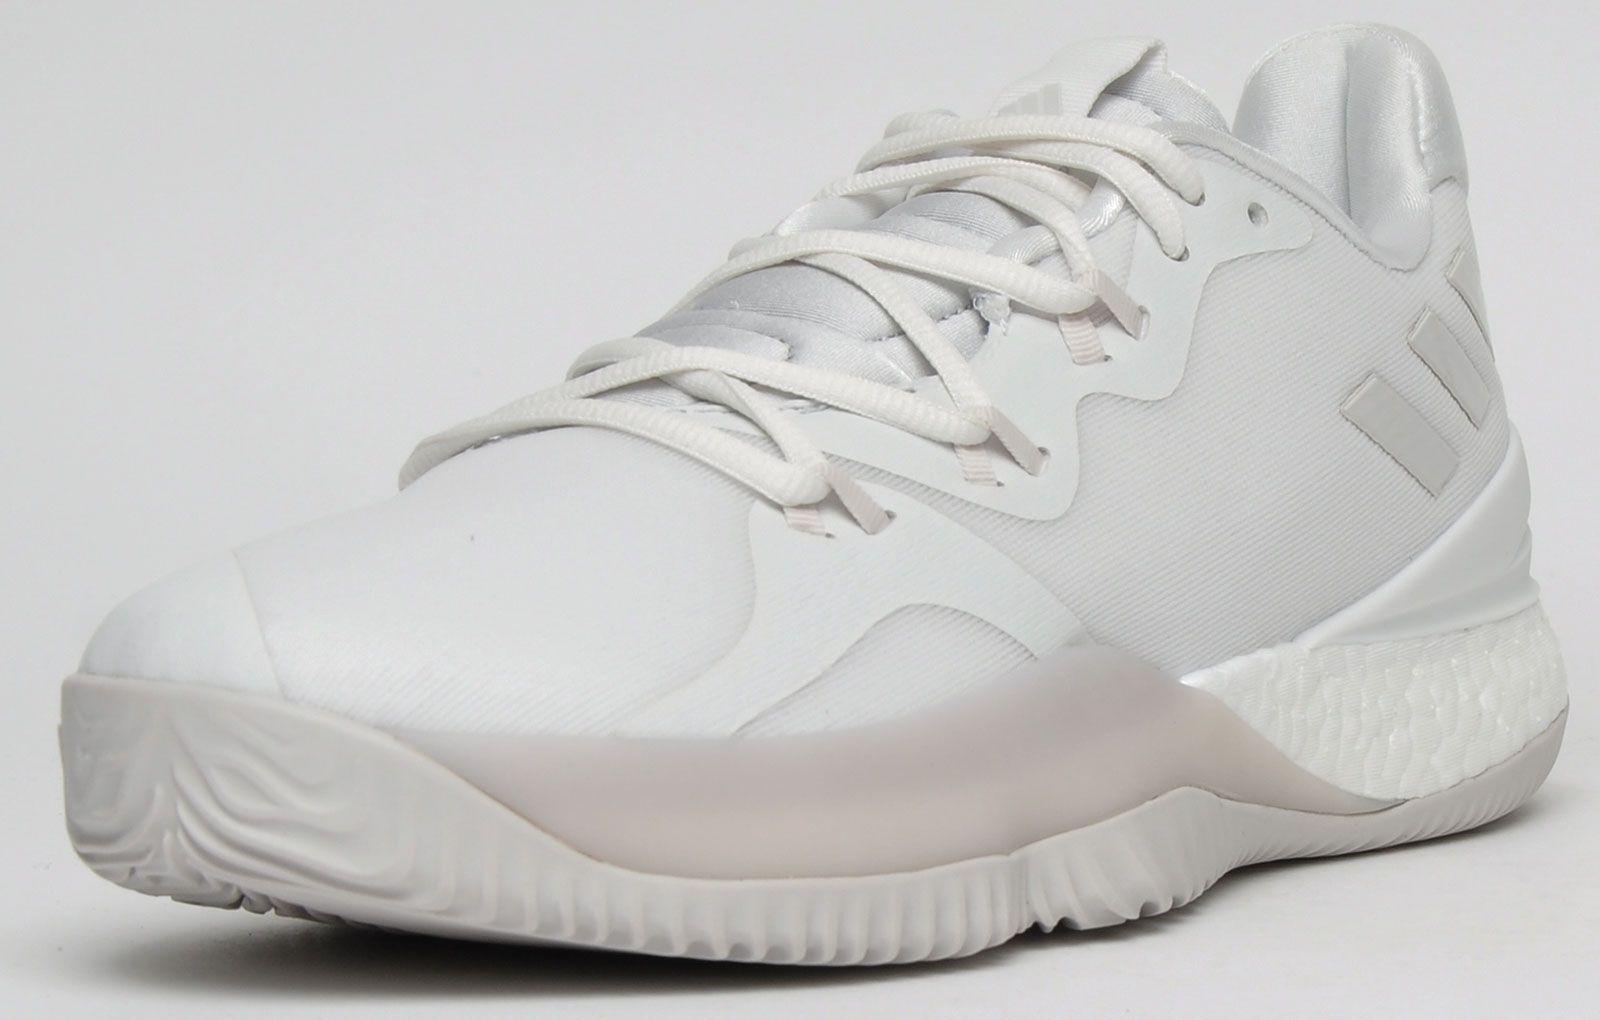 Adidas Crazy Light Boost Mens